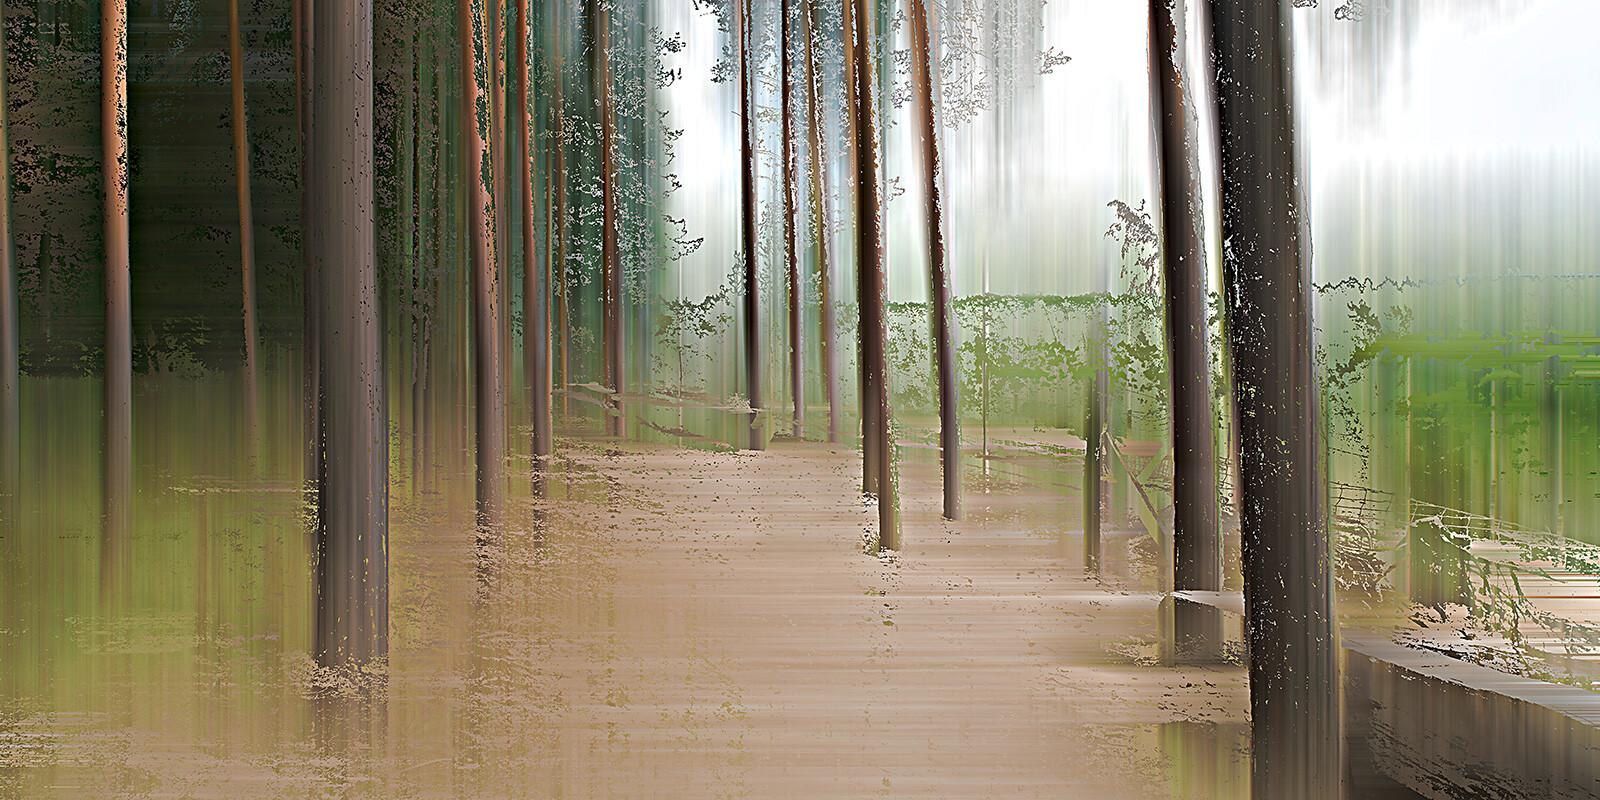 wood_8044 - Sabine Wild